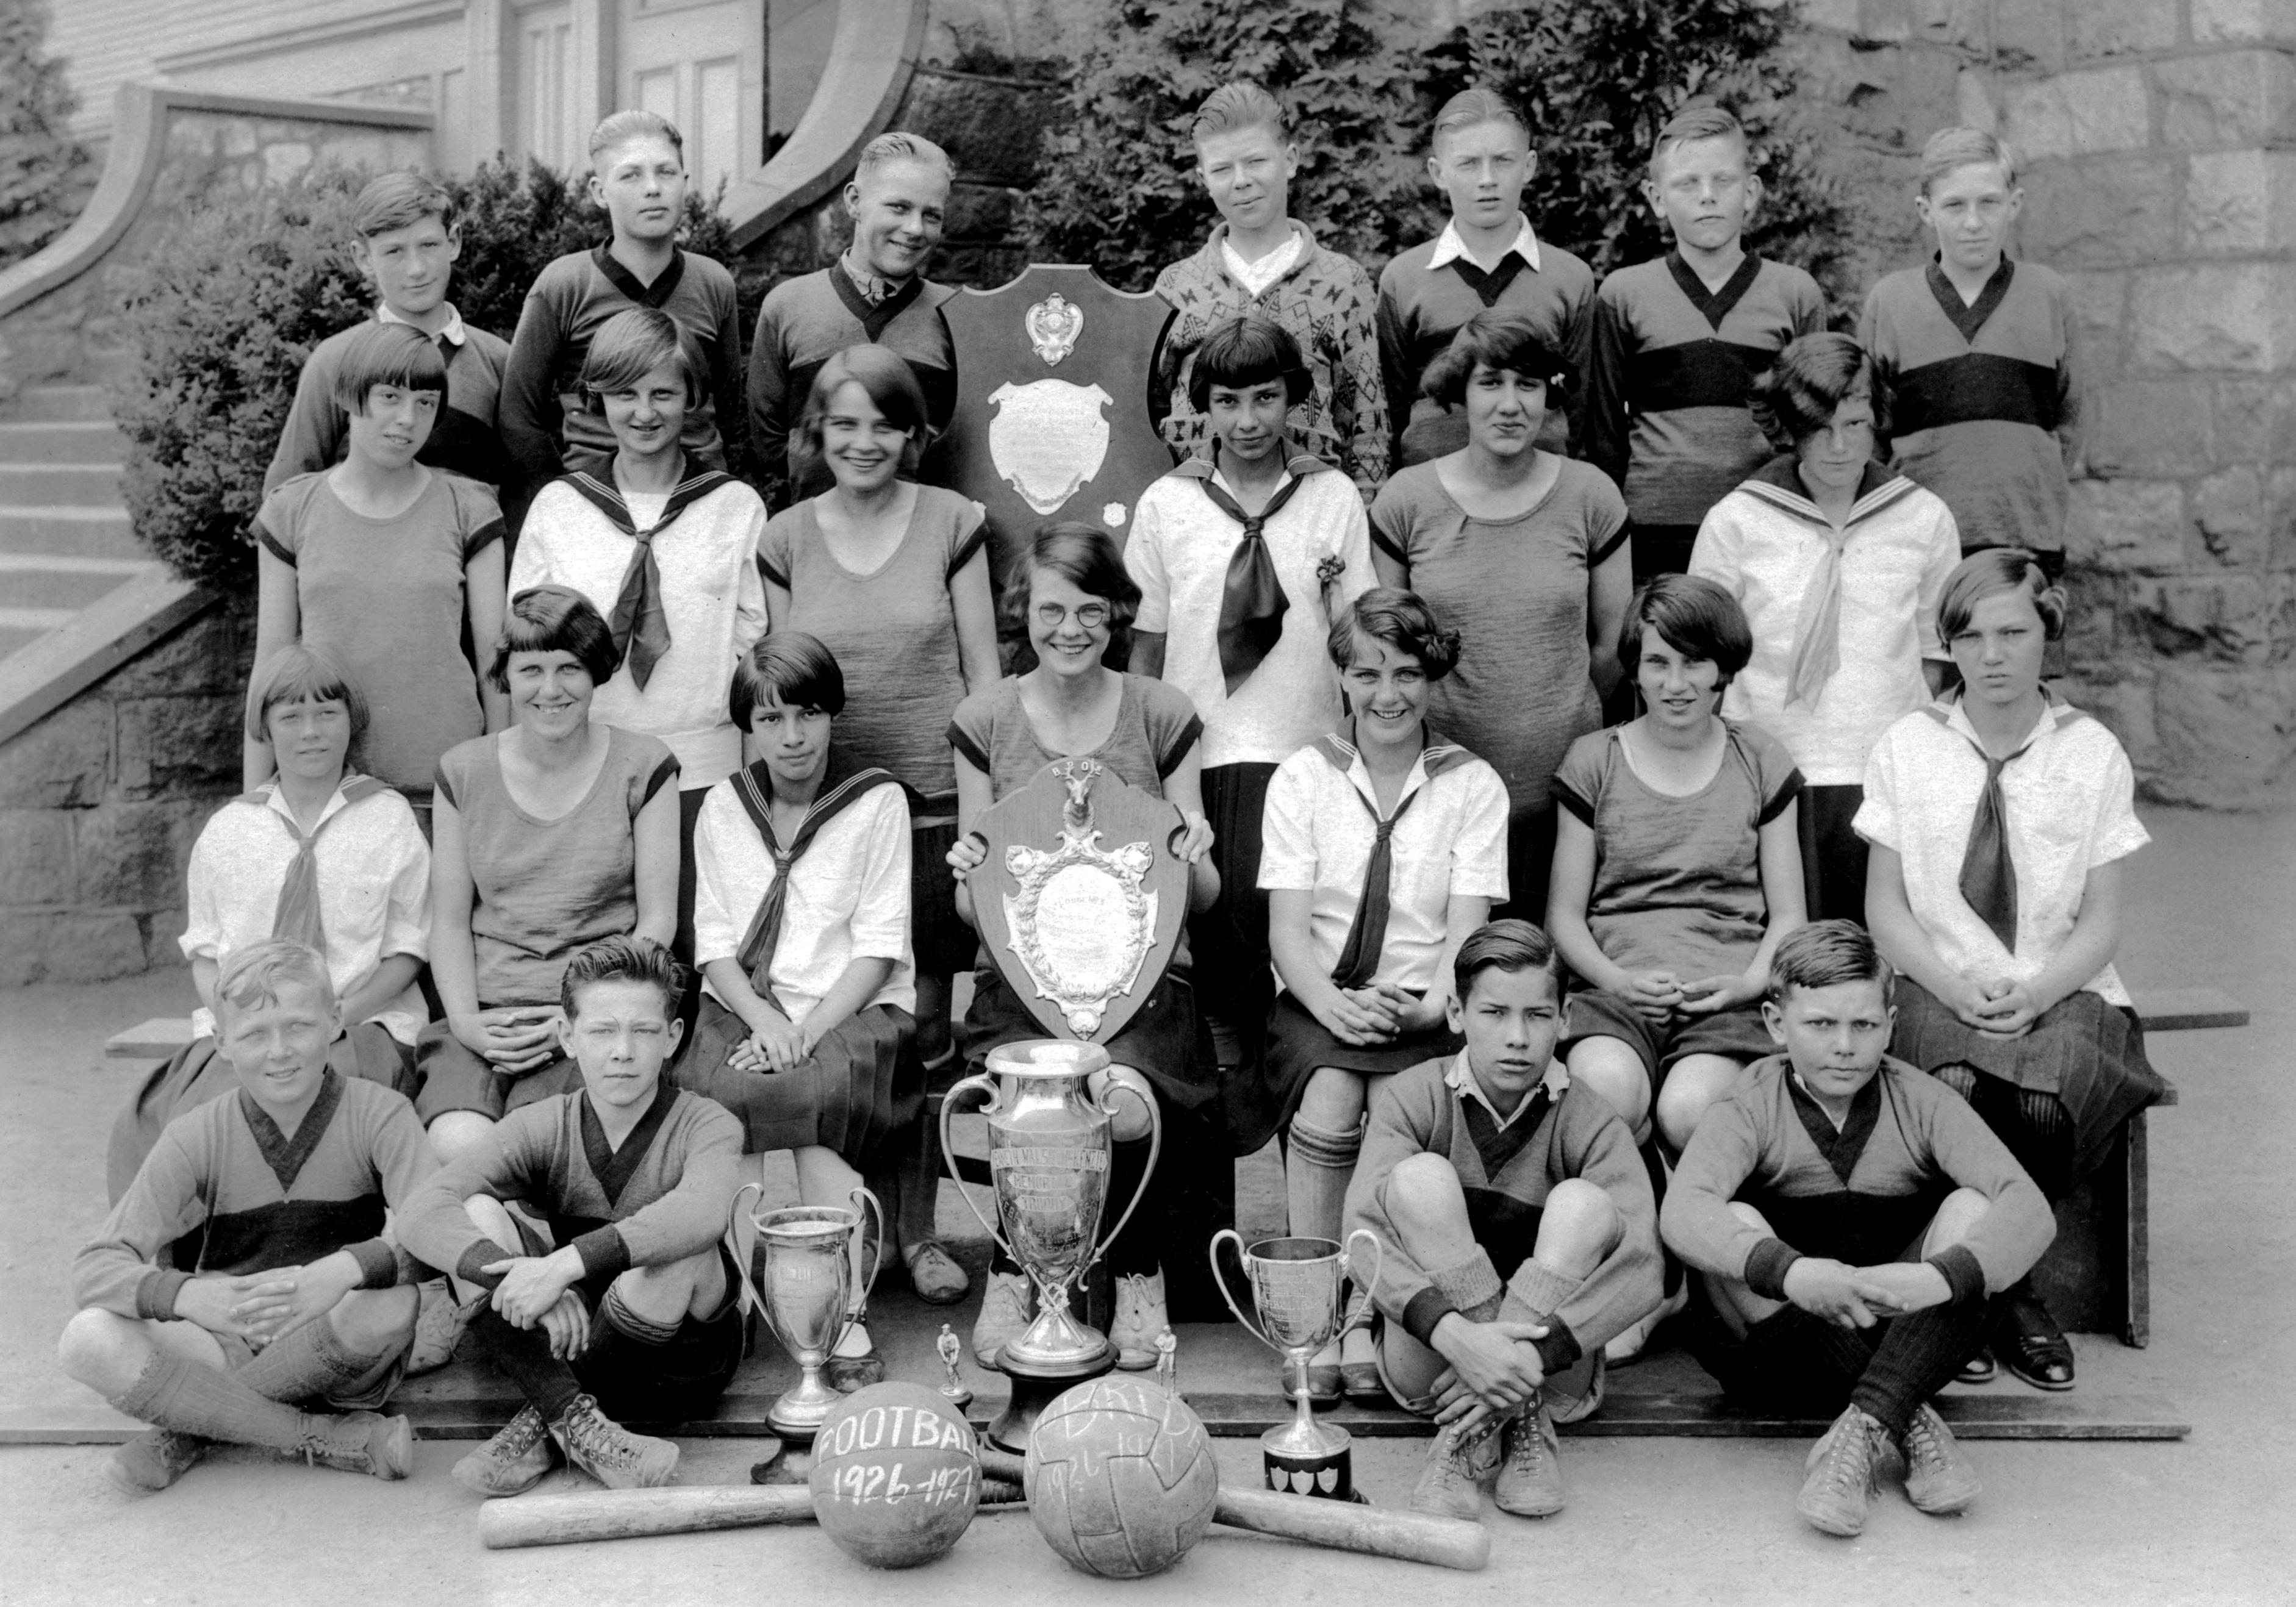 mcbride-school-teams-1926-27